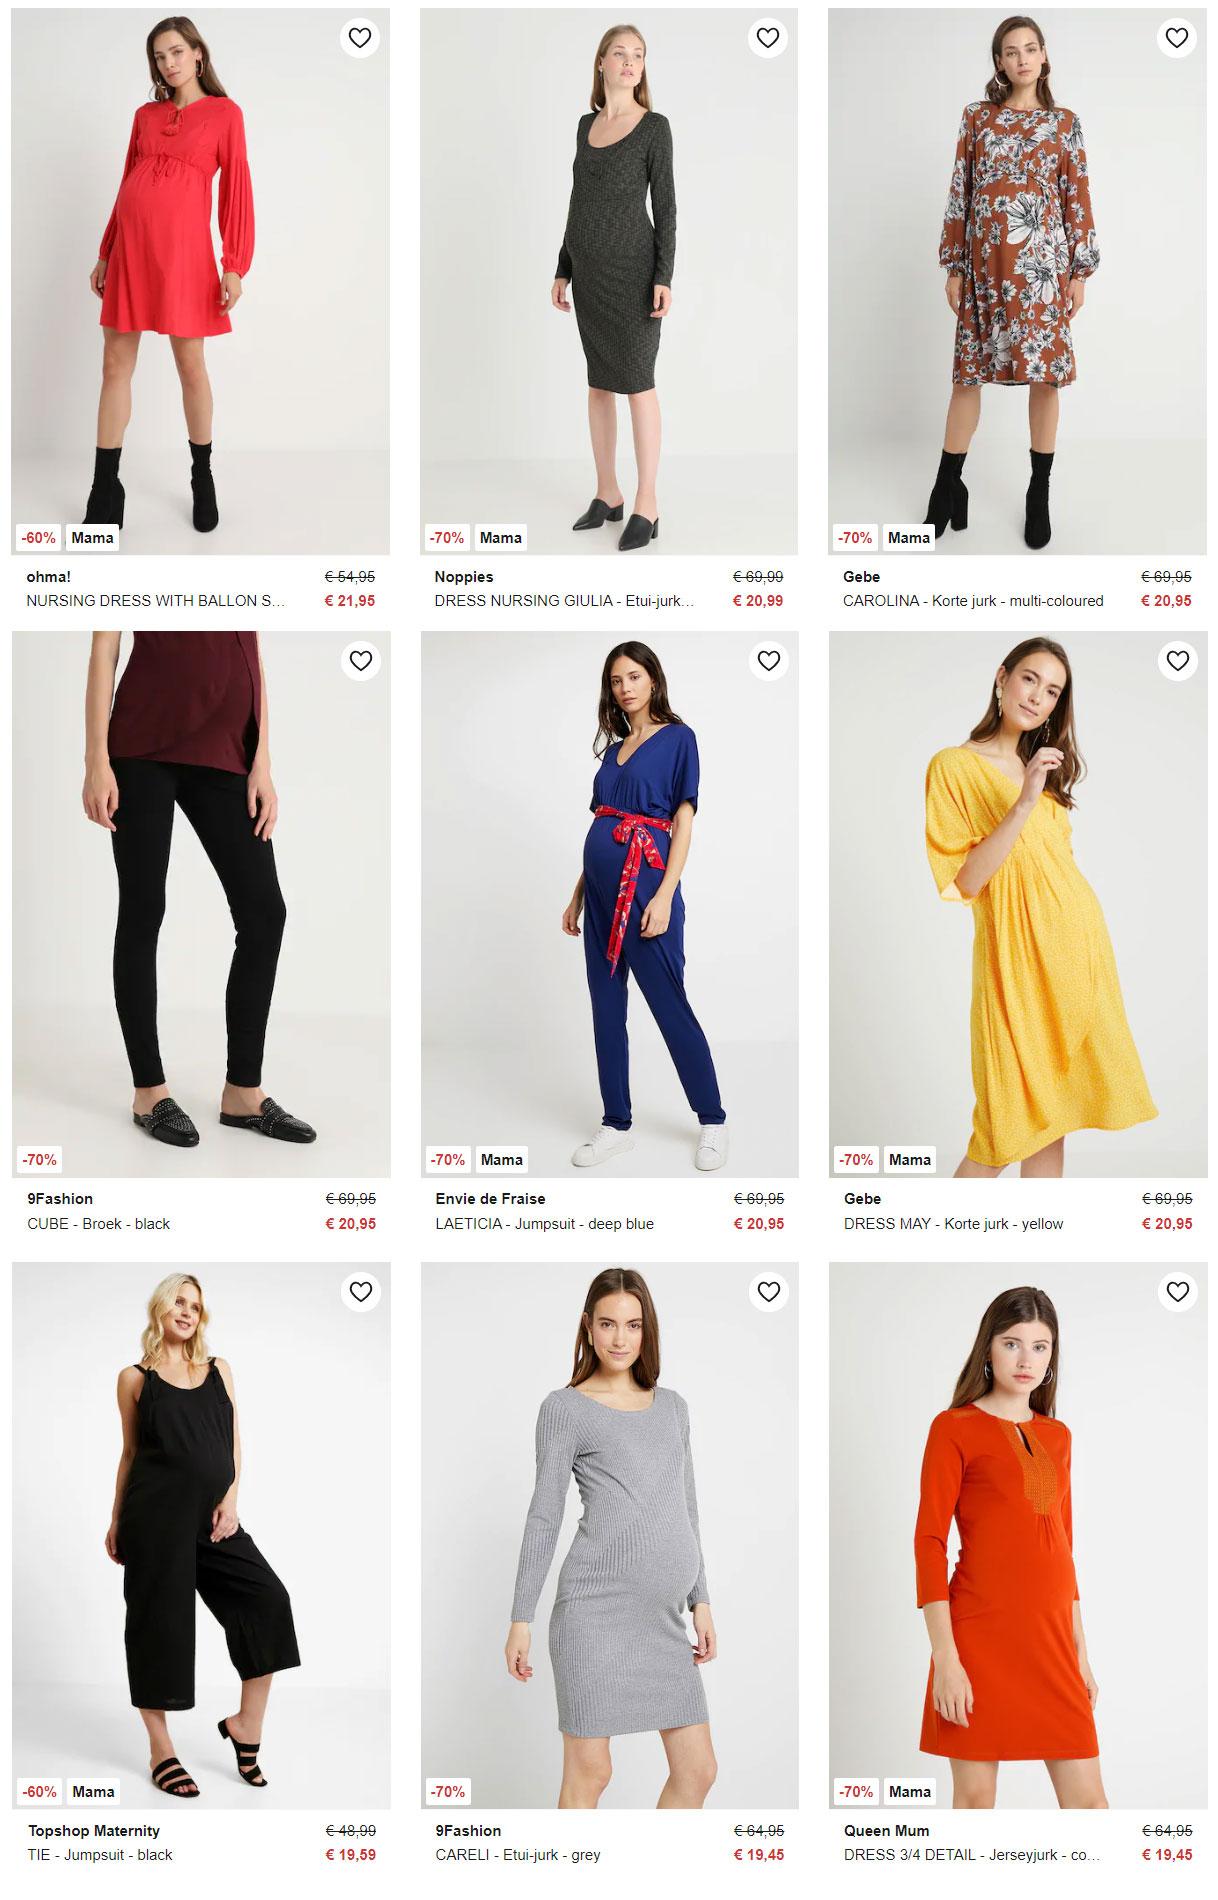 Zwangerschaps kleding 60-70% korting @ Zalando